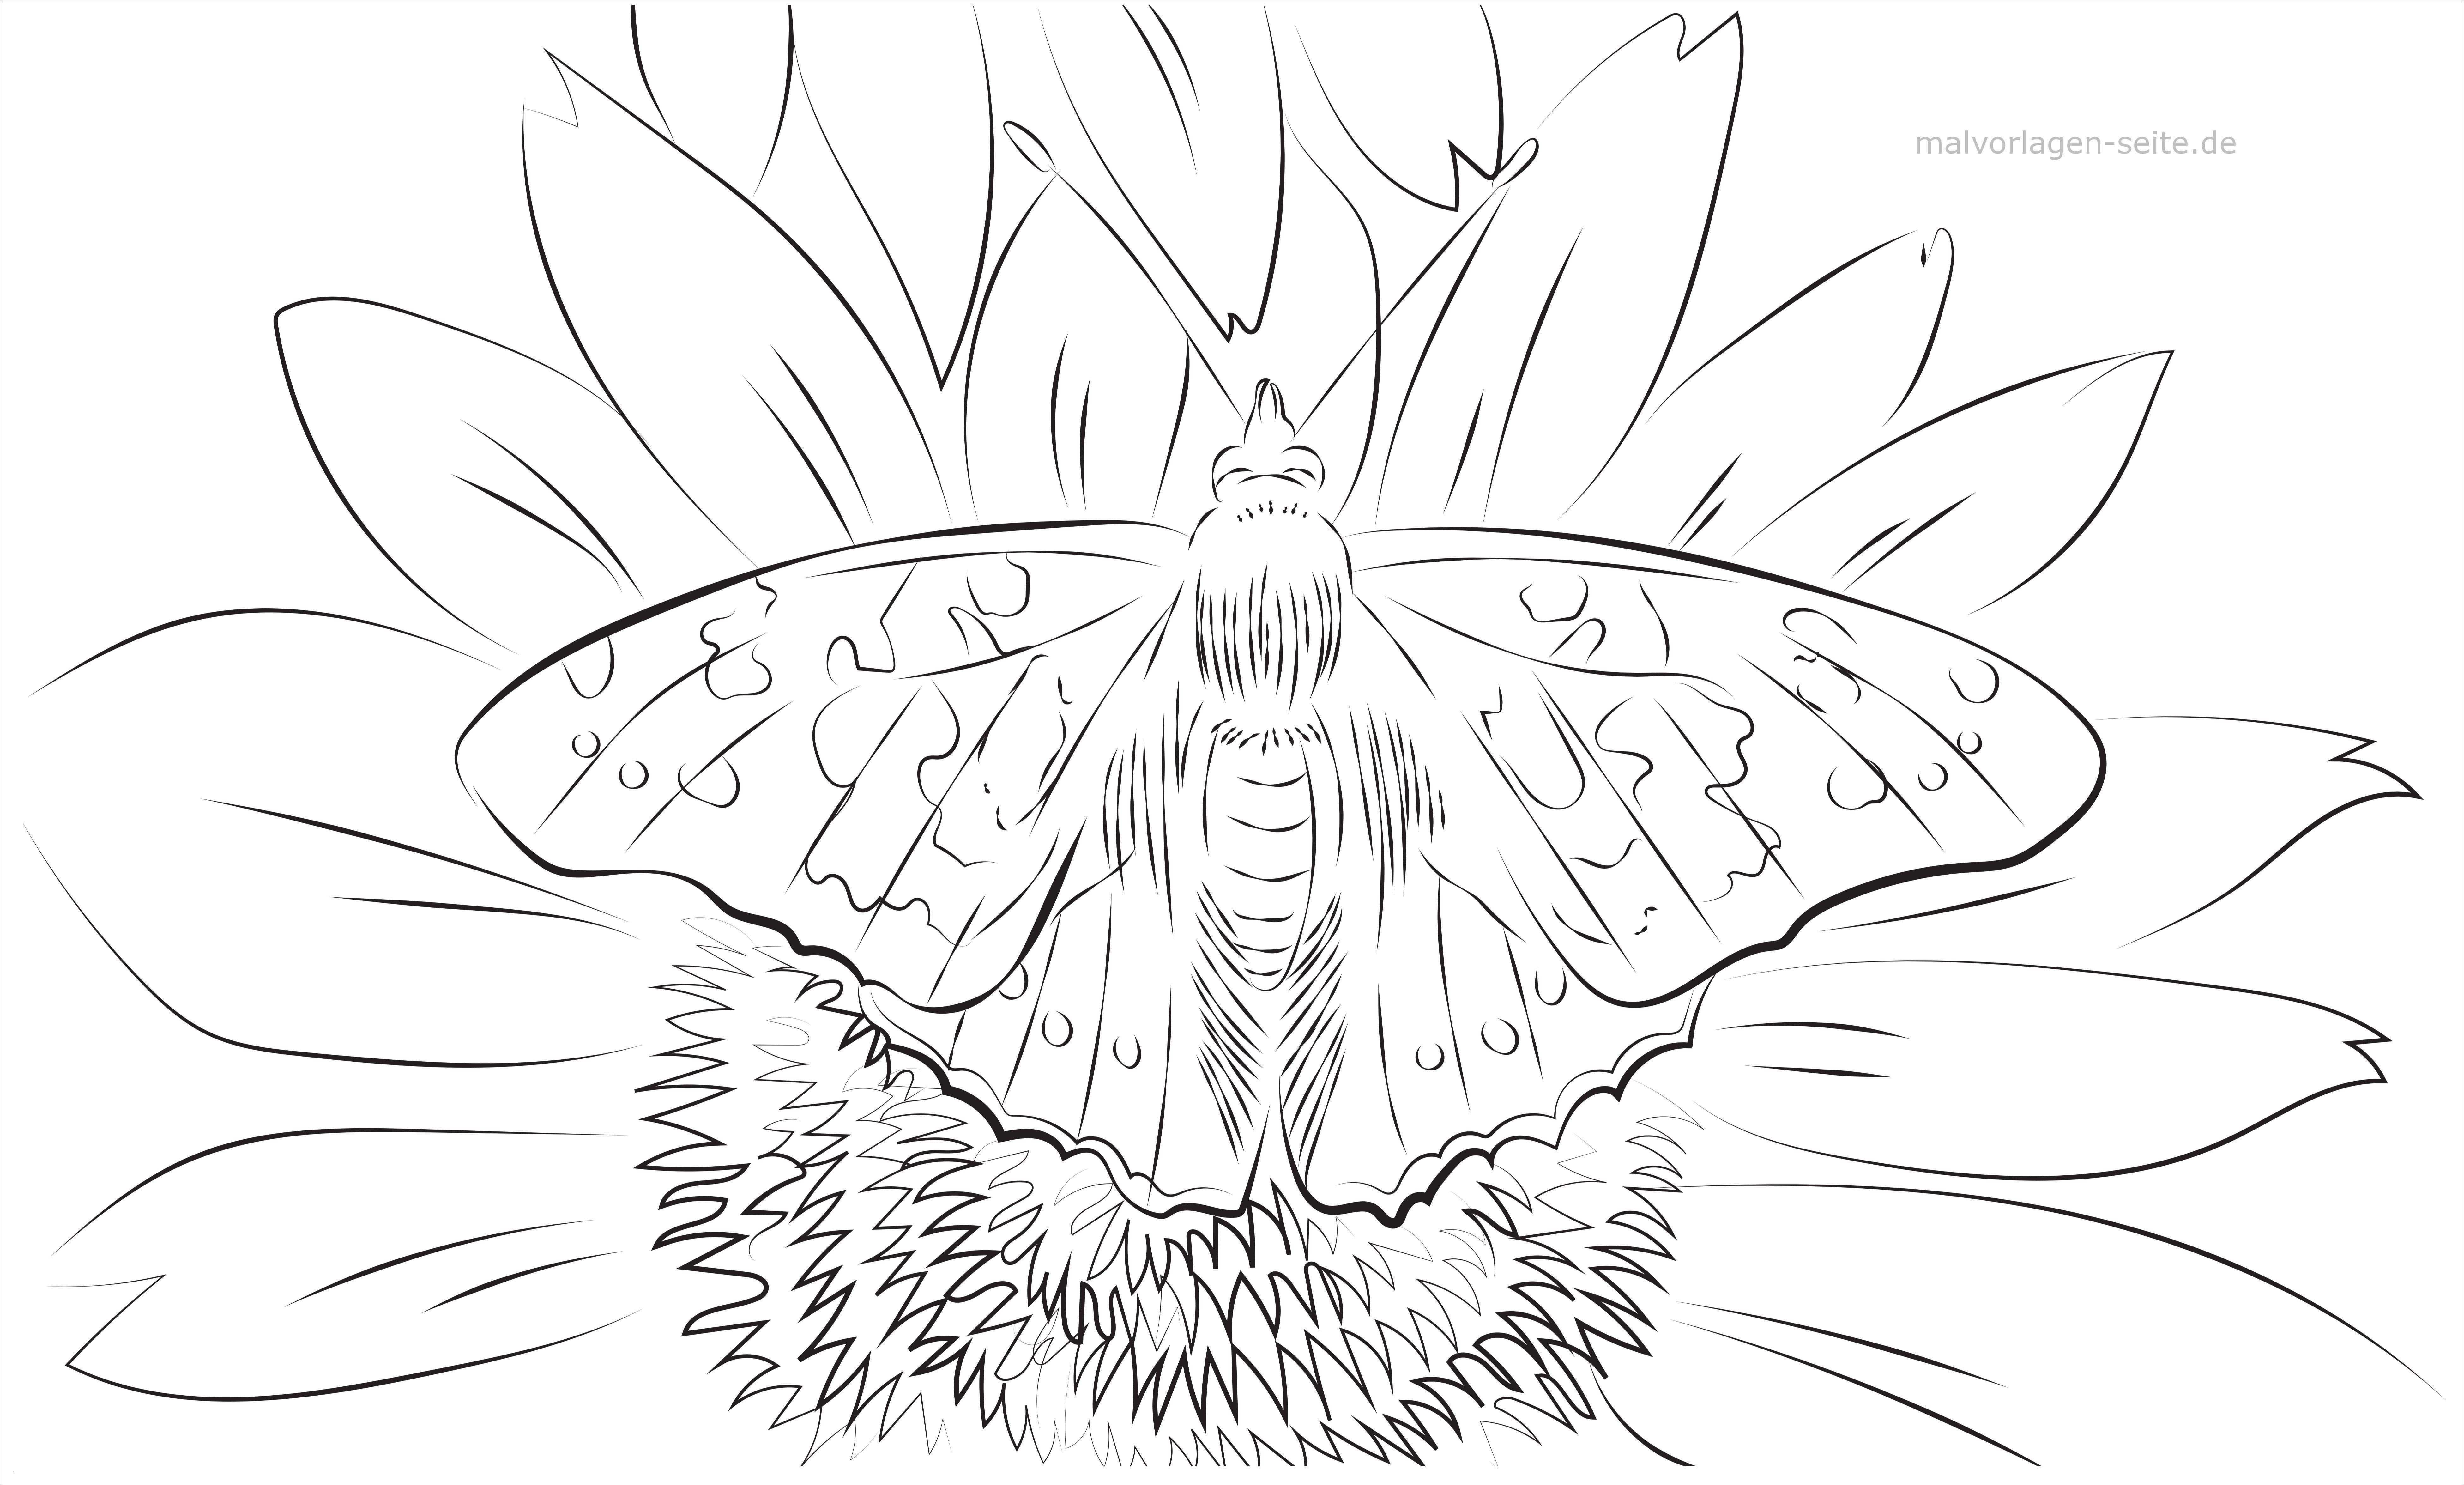 Schmetterling Mit Blume Zum Ausmalen Inspirierend Malvorlagen Schmetterlinge Blumen Bildnis Bayern Ausmalbilder Schön Bilder